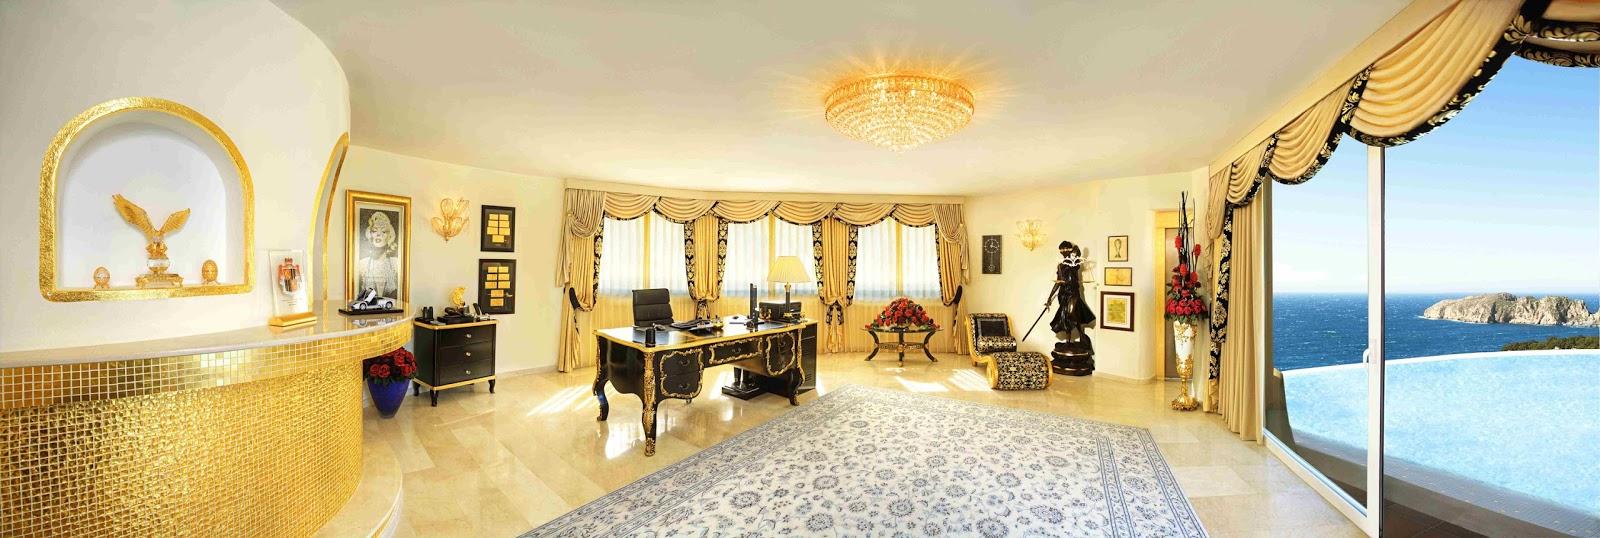 luxury life design amazing villa colani in mallorca. Black Bedroom Furniture Sets. Home Design Ideas